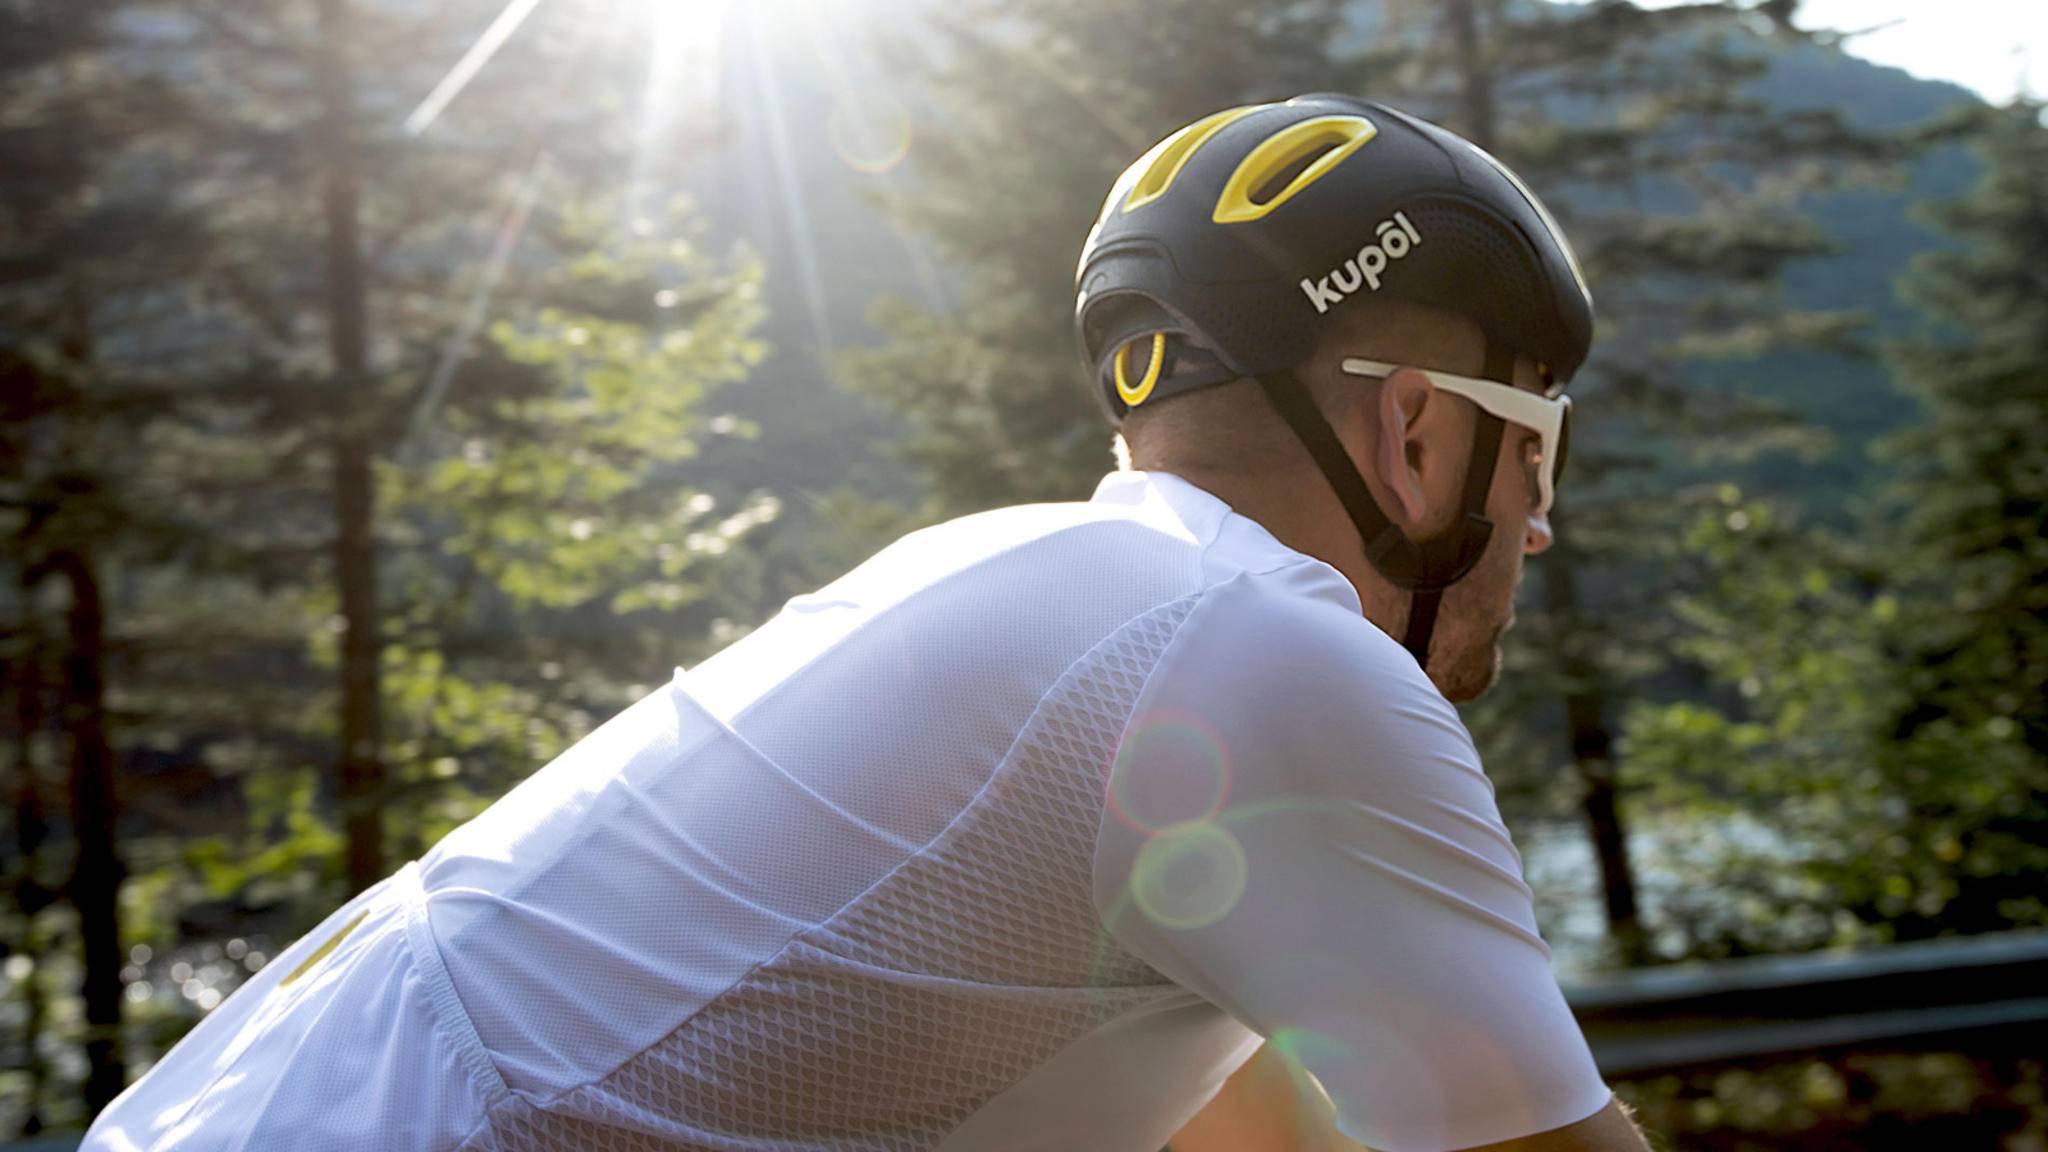 3D-Fahrradhelm Kupol punktet mit seinem bis ins Detail durchdachten Design.